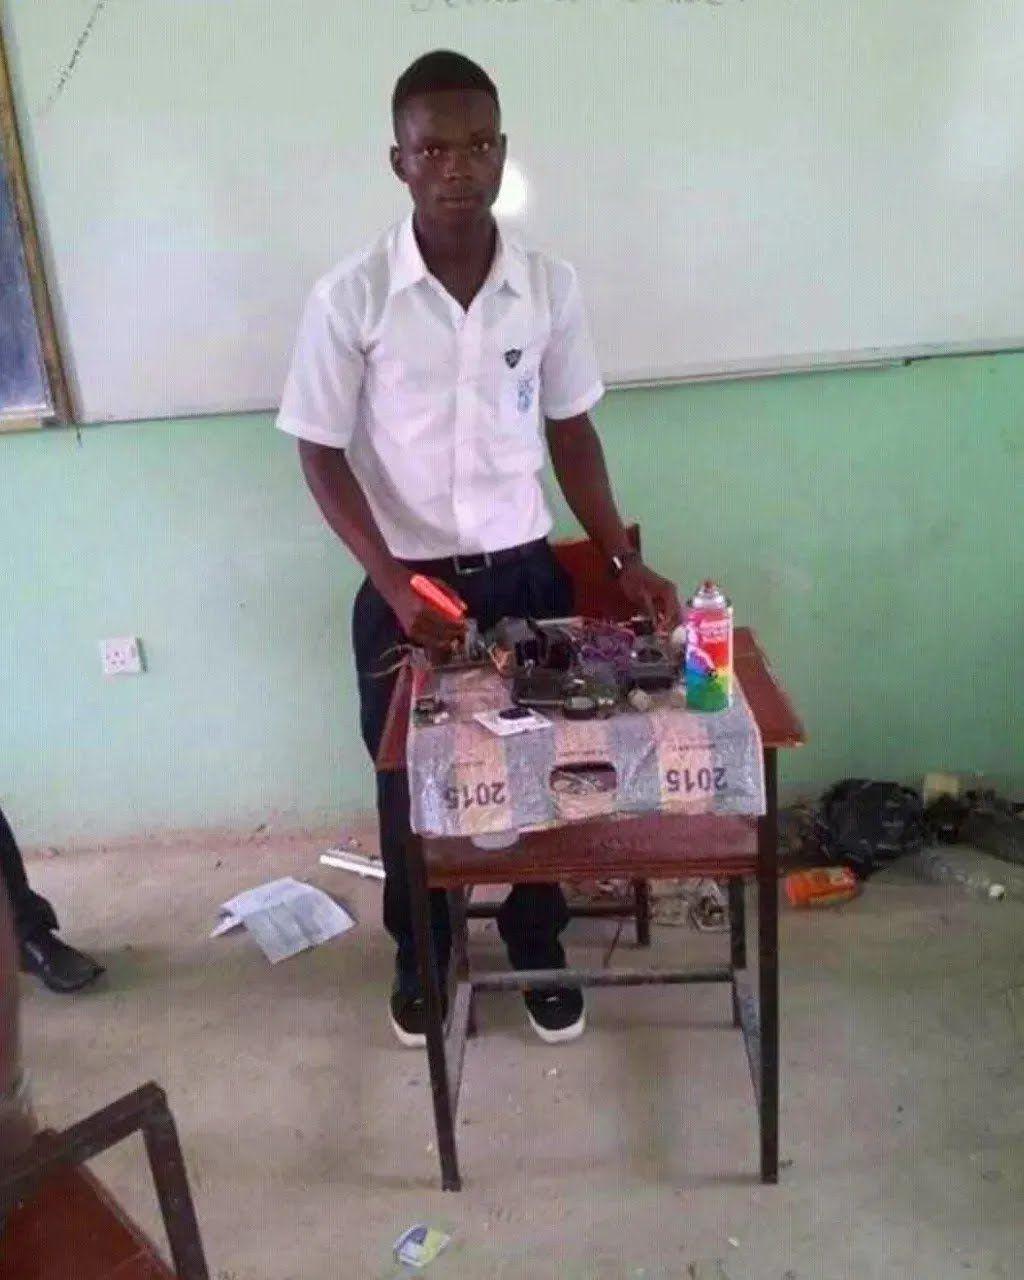 Торонка почав розробку п'єзоелектричного пристрою, коли навчався в університеті